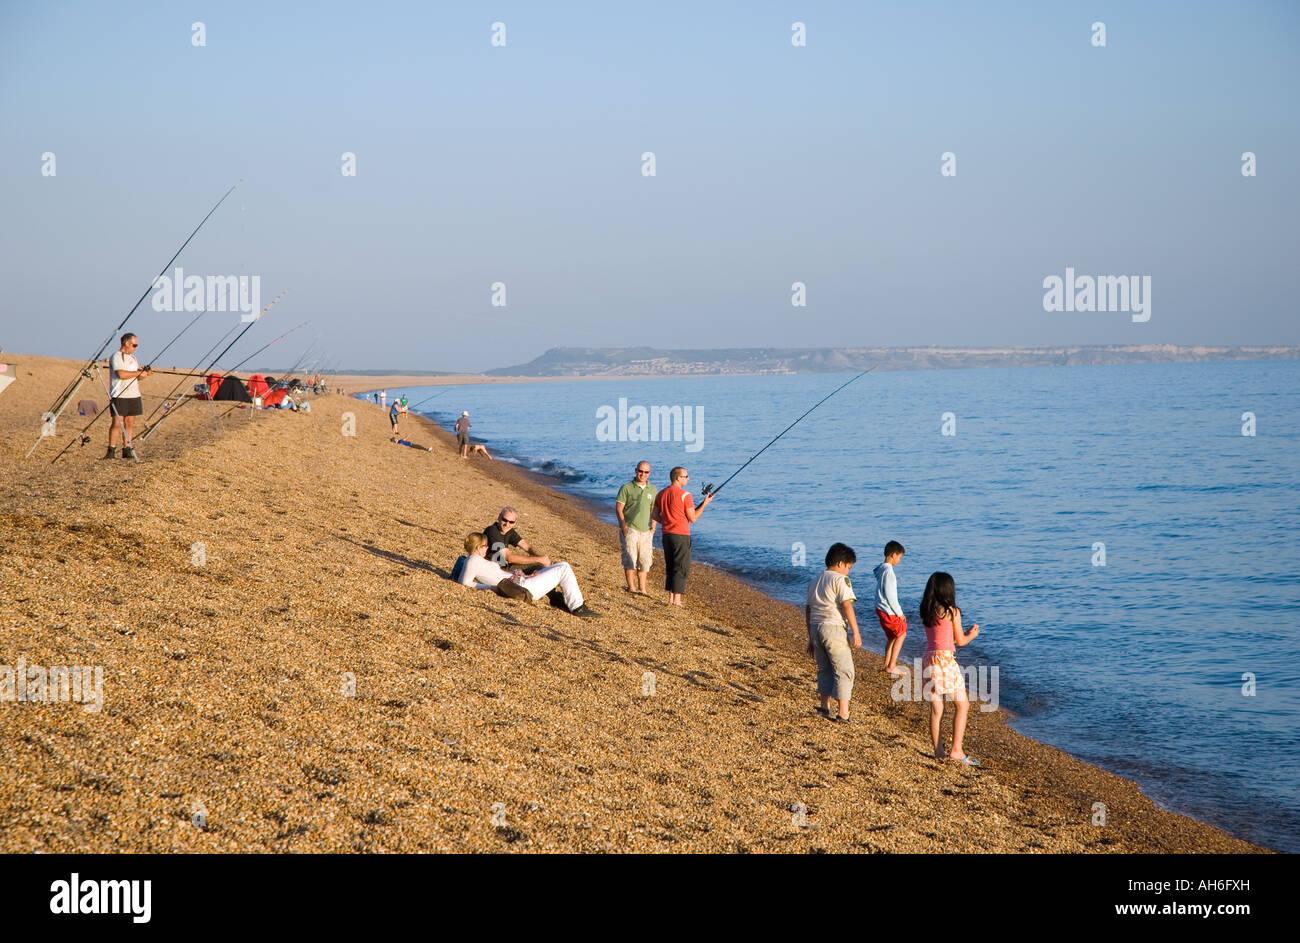 Chesil Beach Fishing Dorset